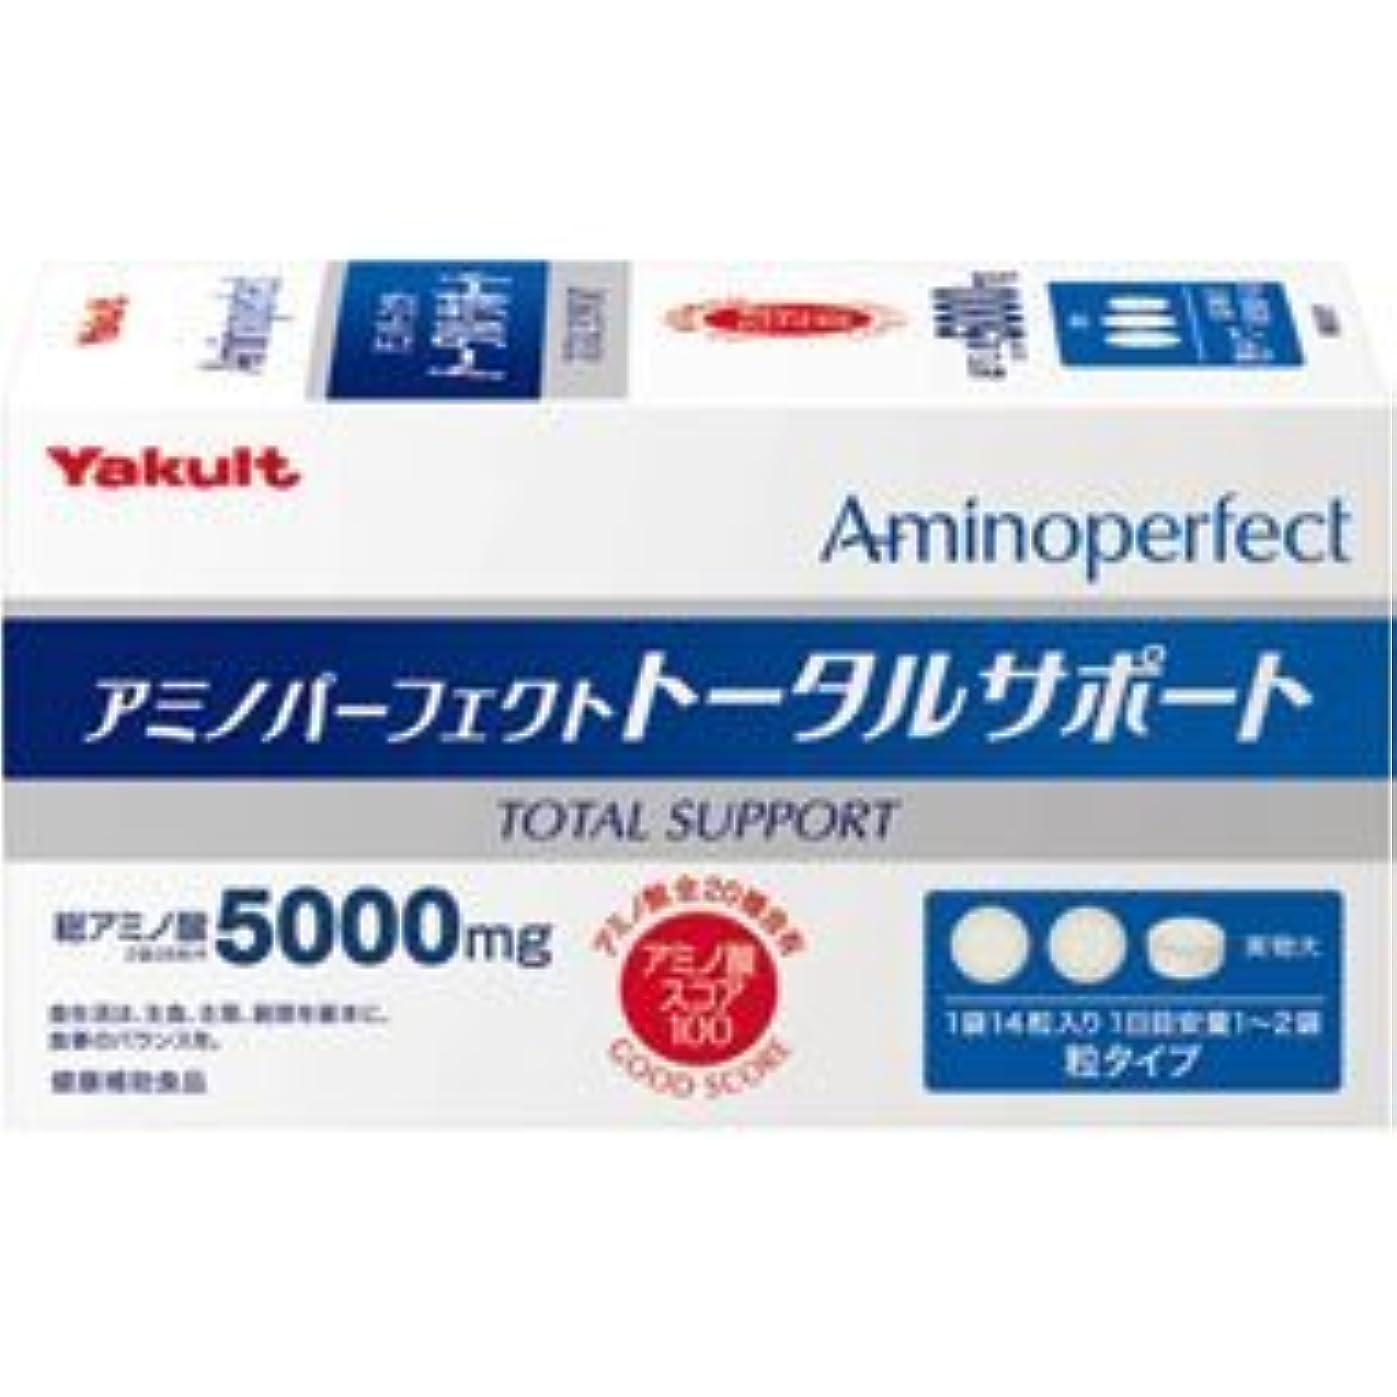 カロリーマイクロフォン繕うアミノパーフェクト トータルサポート14粒×30袋 お得な3個パック